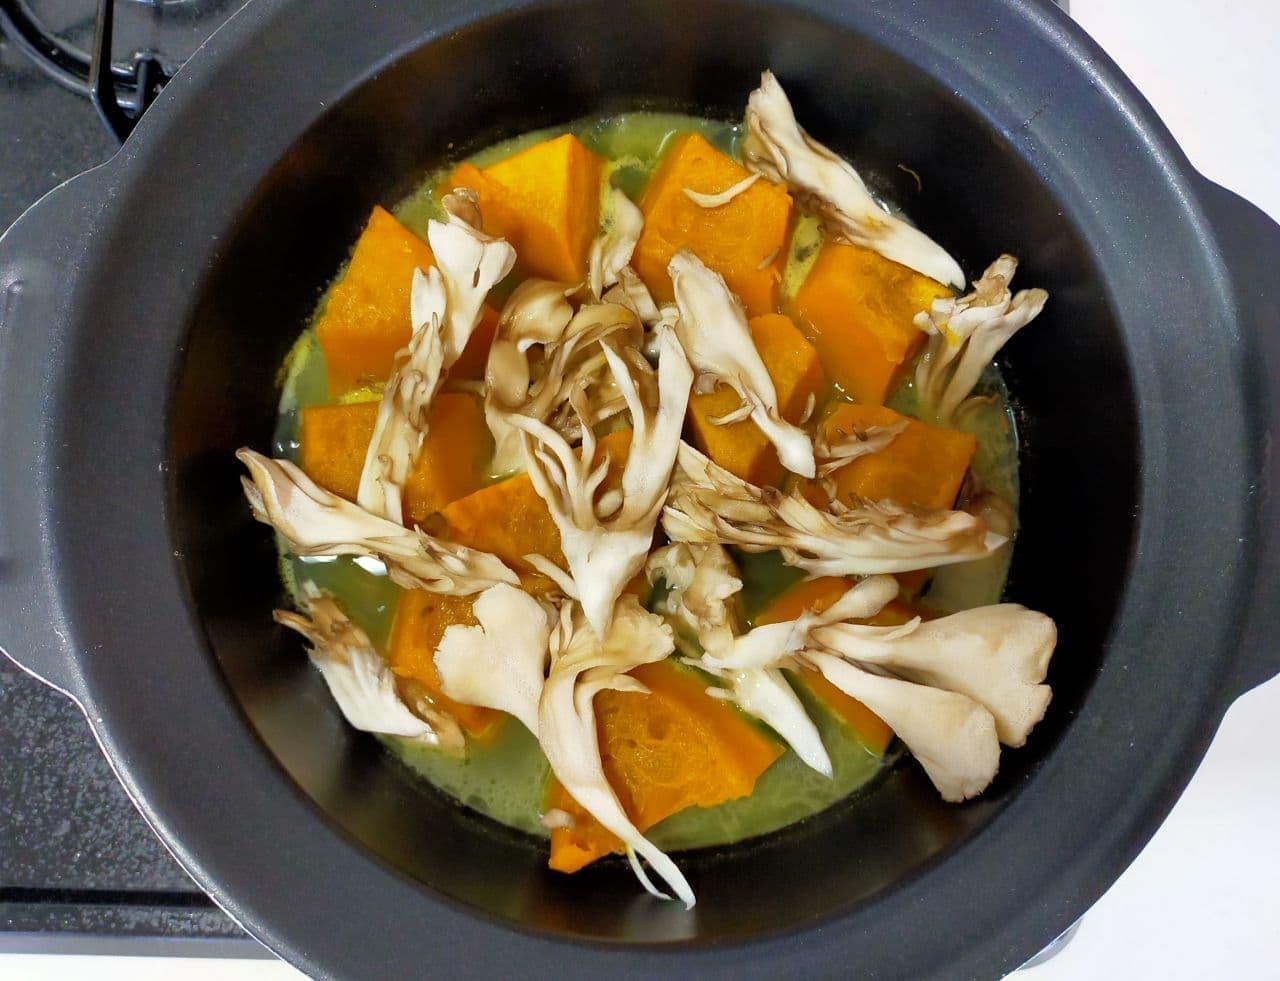 かぼちゃとまいたけの塩バター煮 レシピ